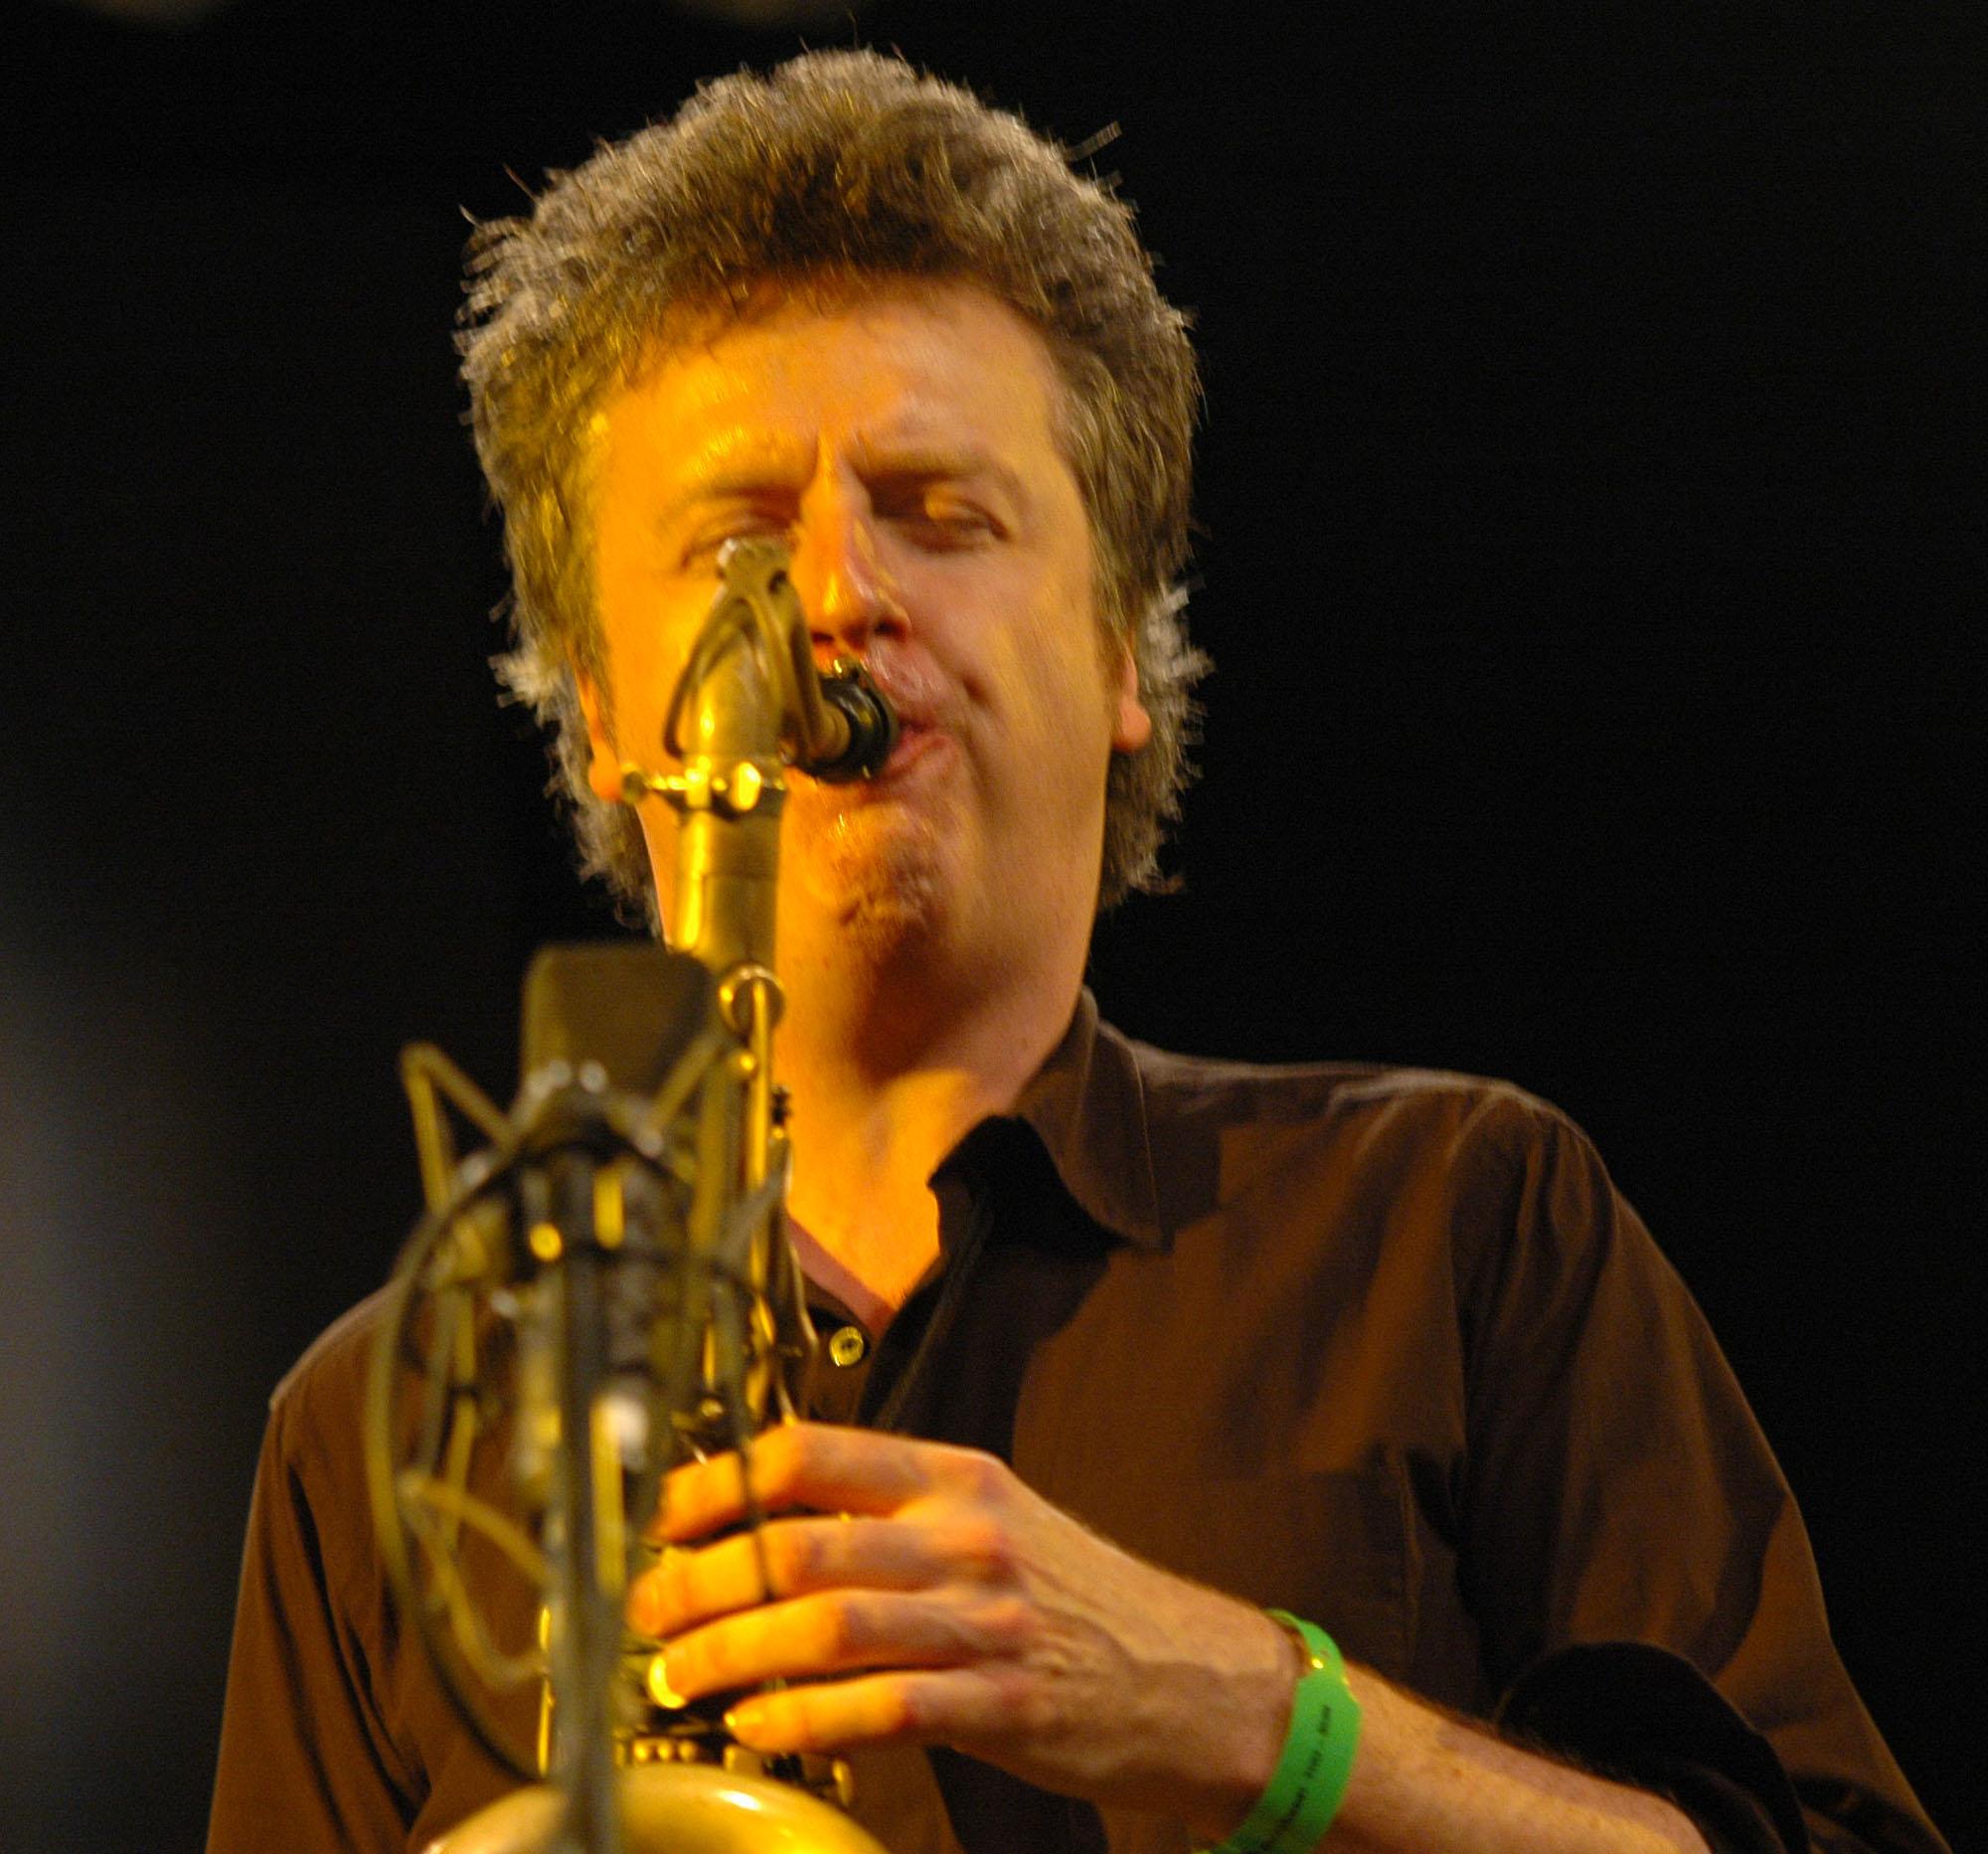 Julian Siegel, Jazzahead 2011